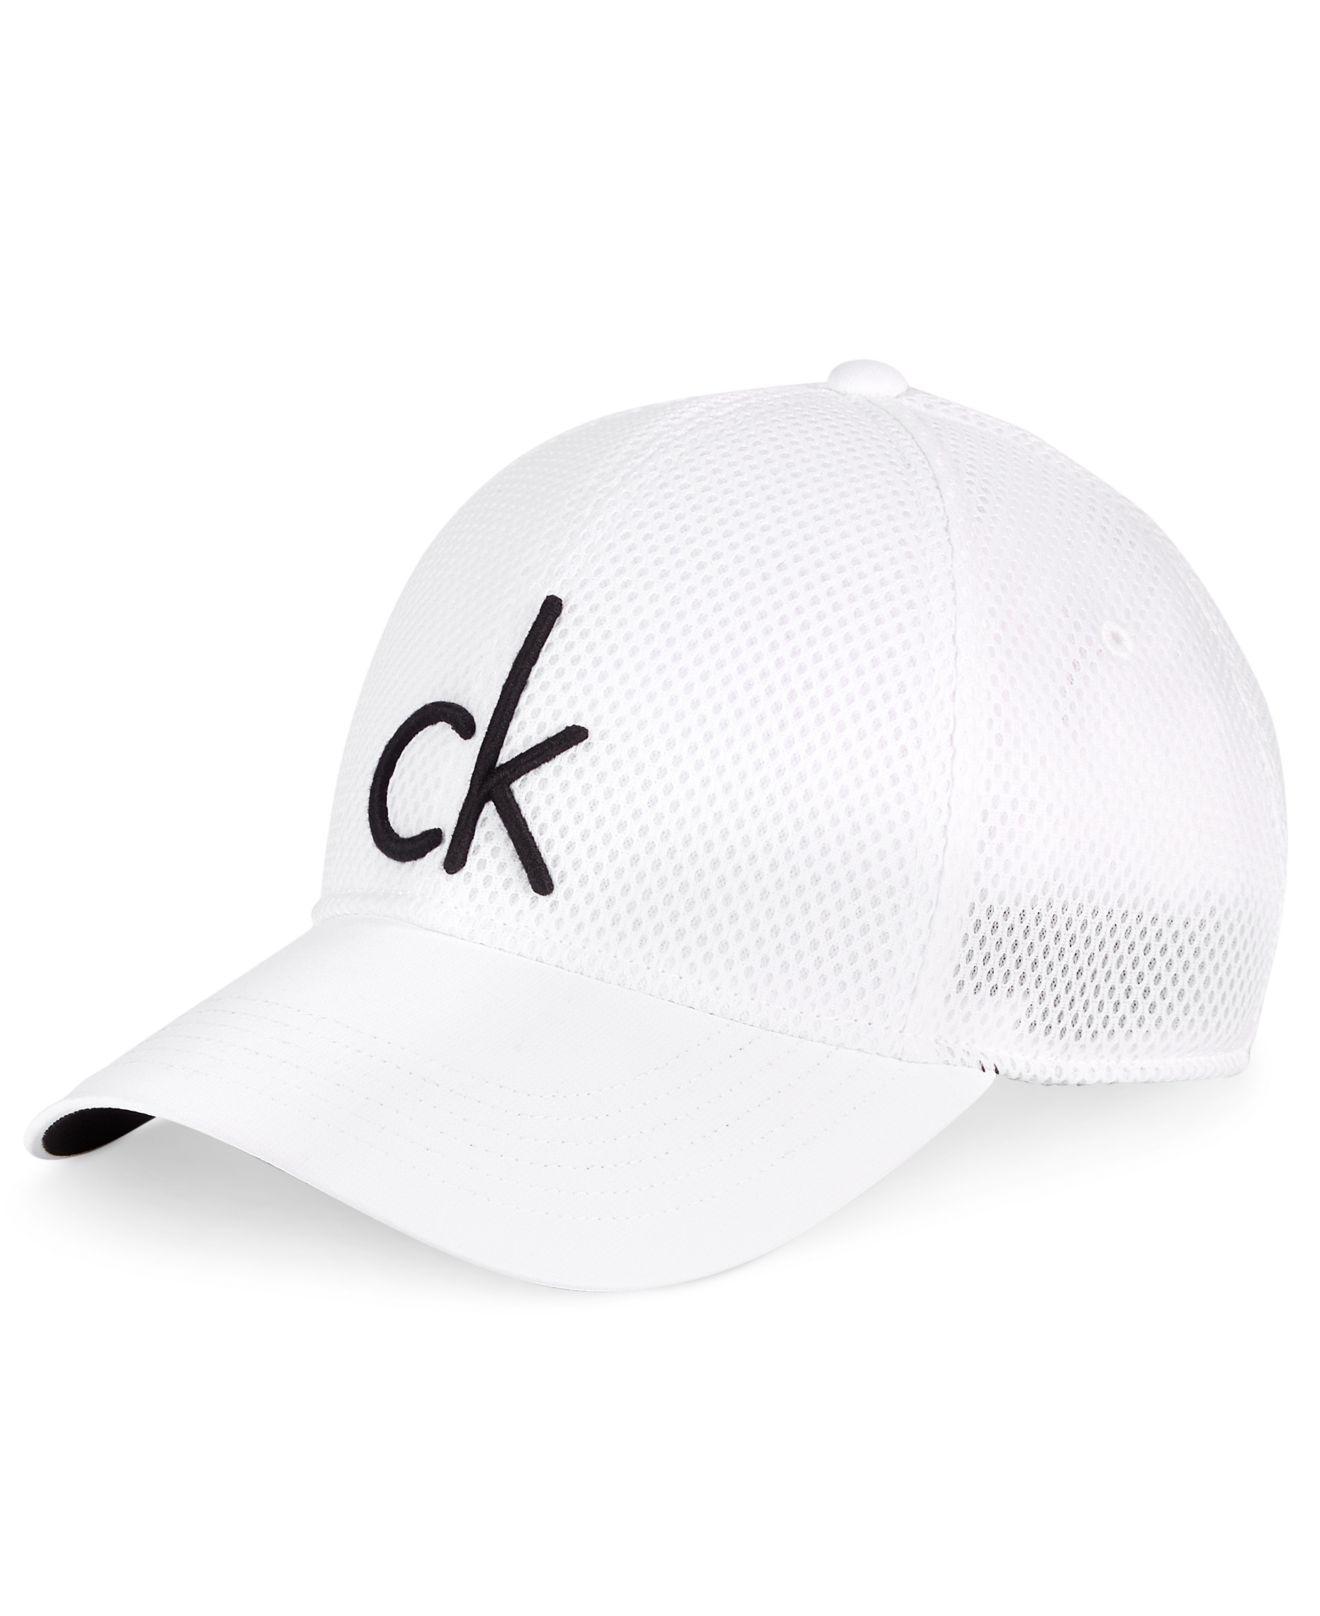 0bff5cab572 Lyst calvin klein men mesh cap in white for men jpg 1320x1616 Hats for men  calvin